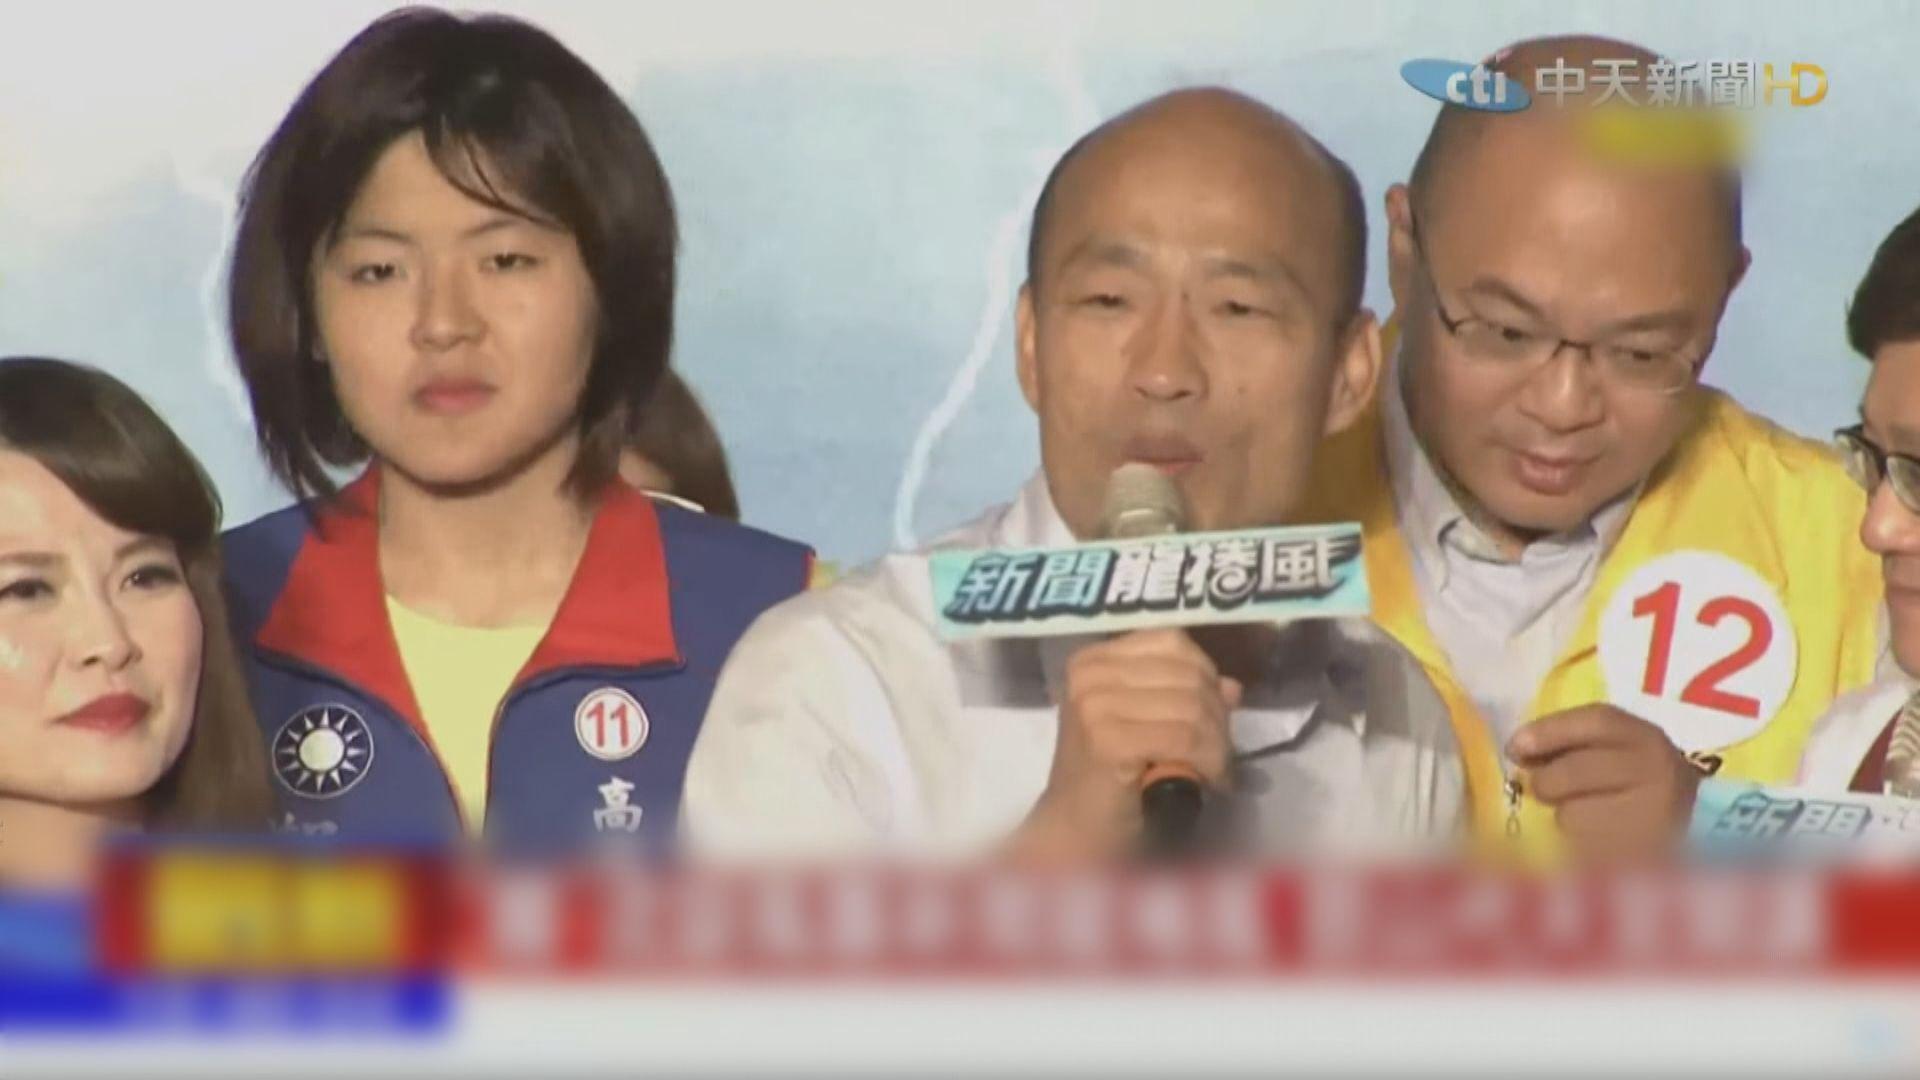 國民黨韓國瑜於高雄出席多場造勢活動